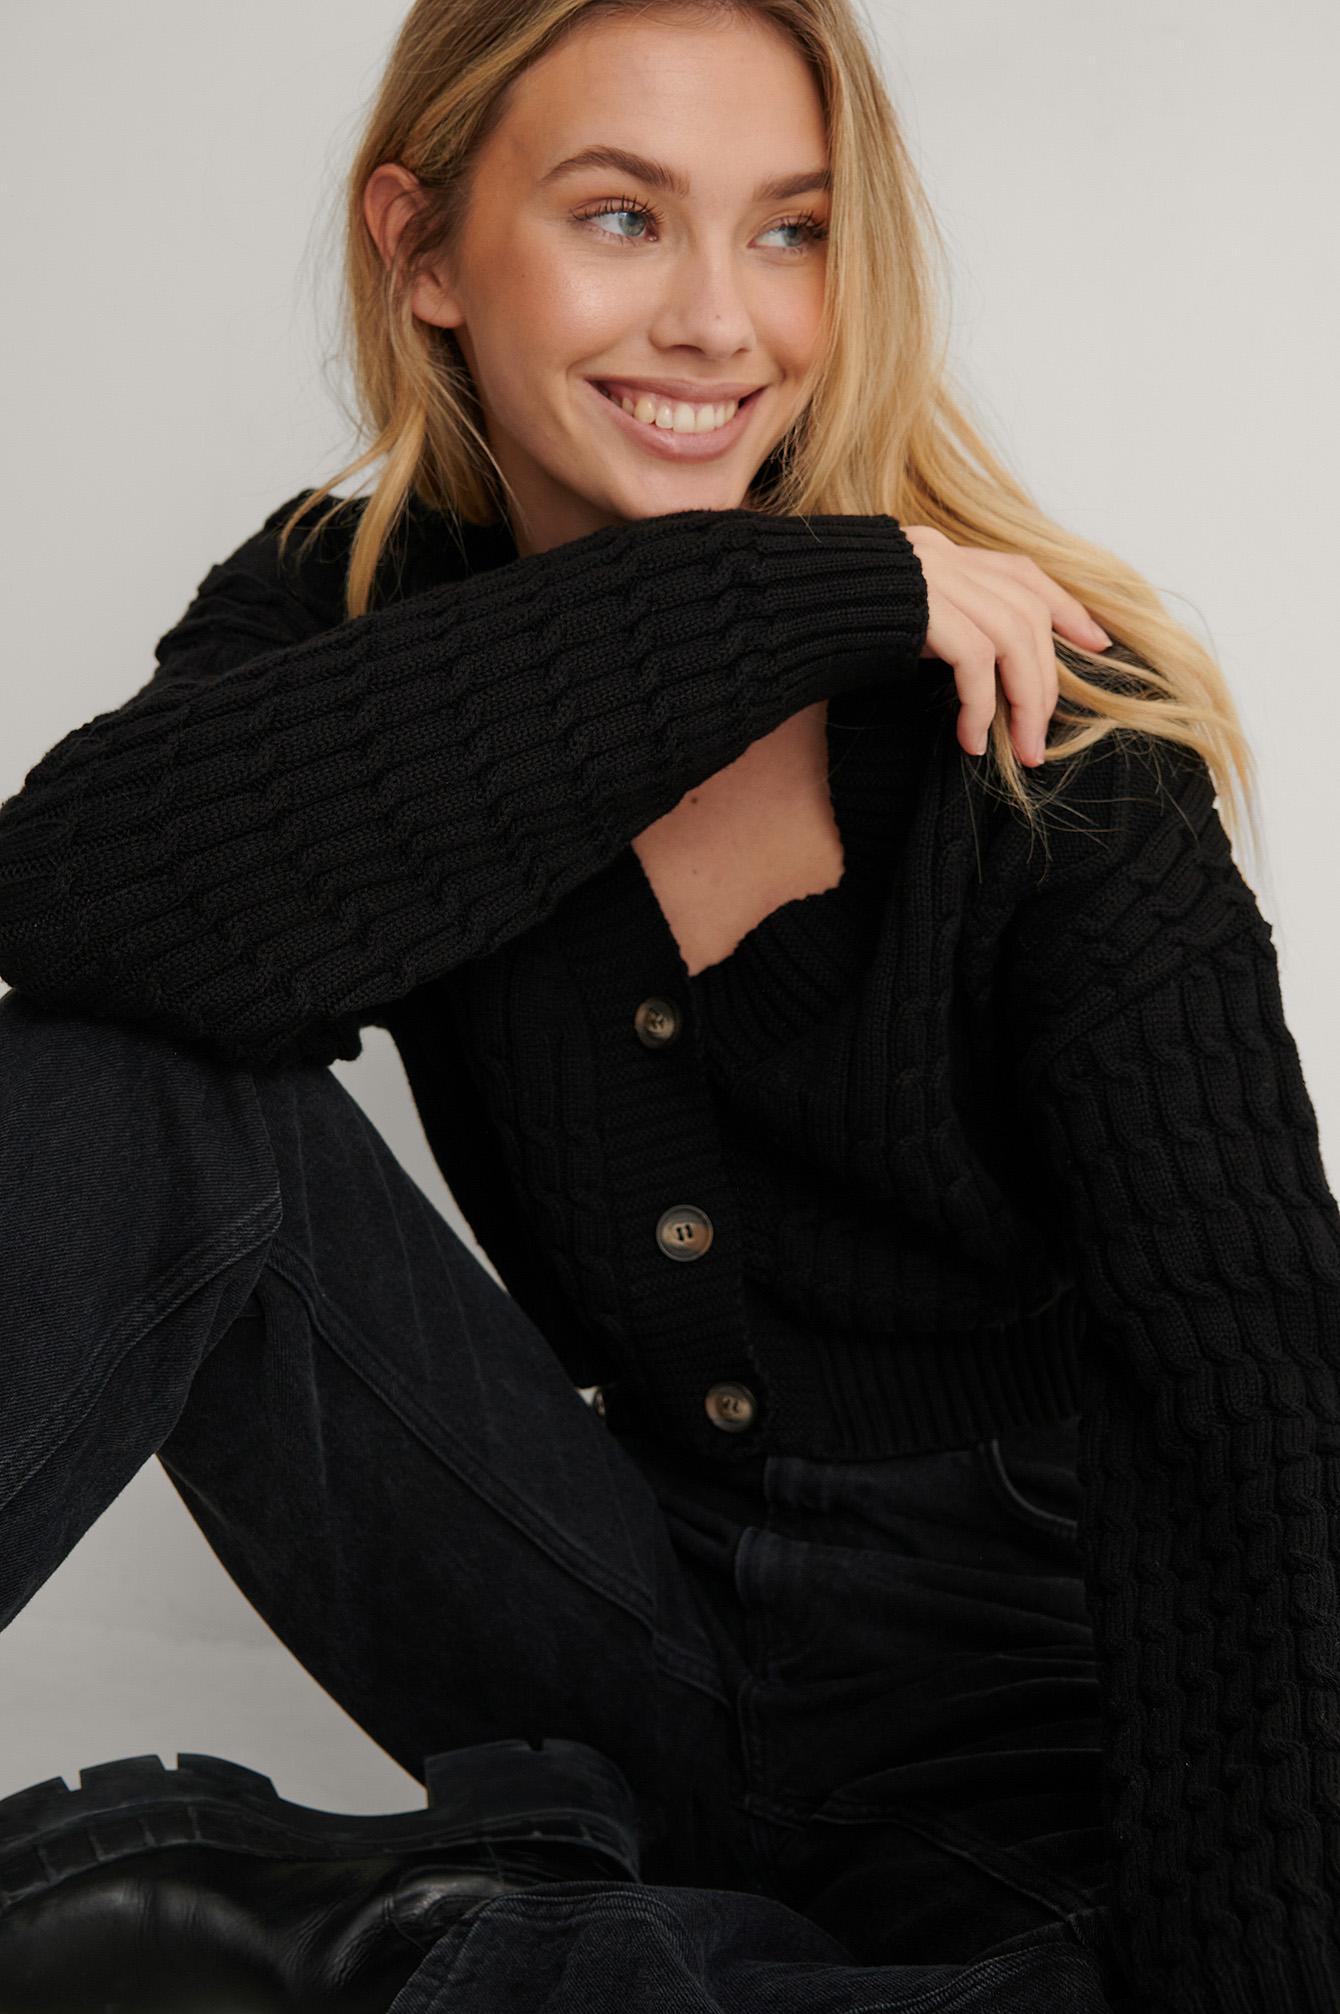 Lisa-Marie Schiffner x NA-KD Økologisk Strikket Cardigan - Black